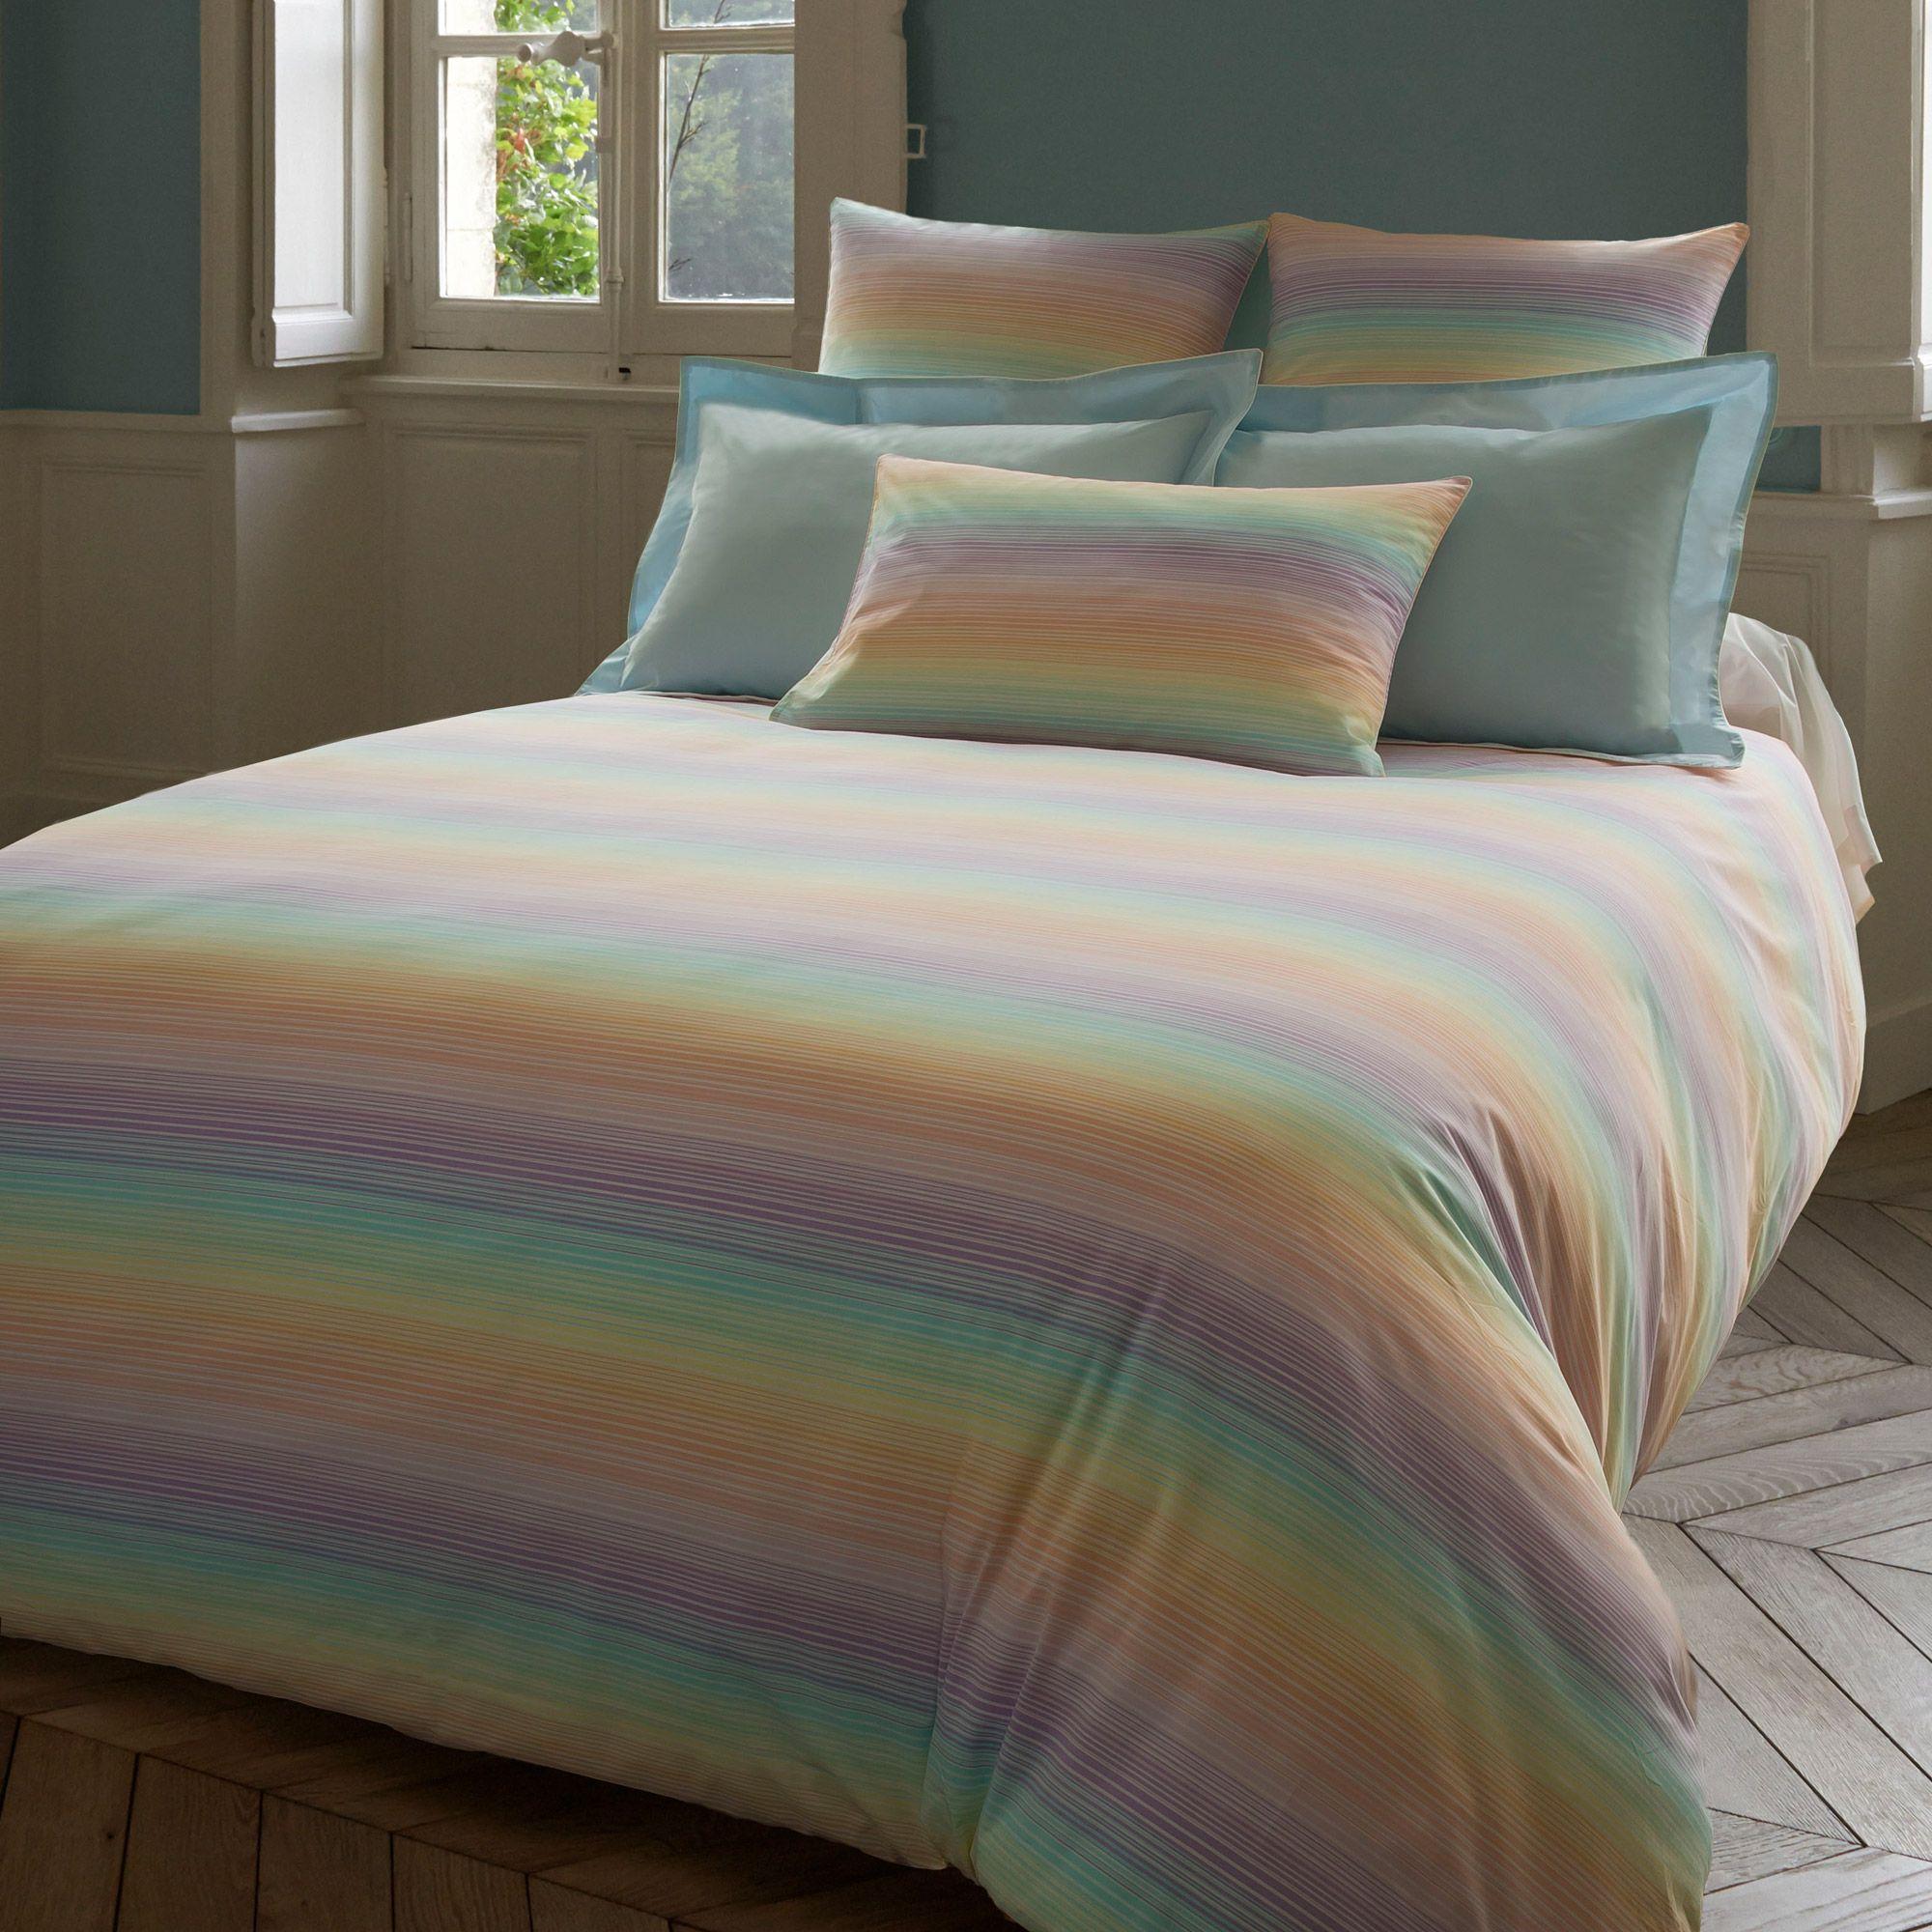 Housse De Couette Reversible 100 Percale De Coton Rayures Multicolores Sirene Descamps Port Offert Housse De Couette Couette Housses